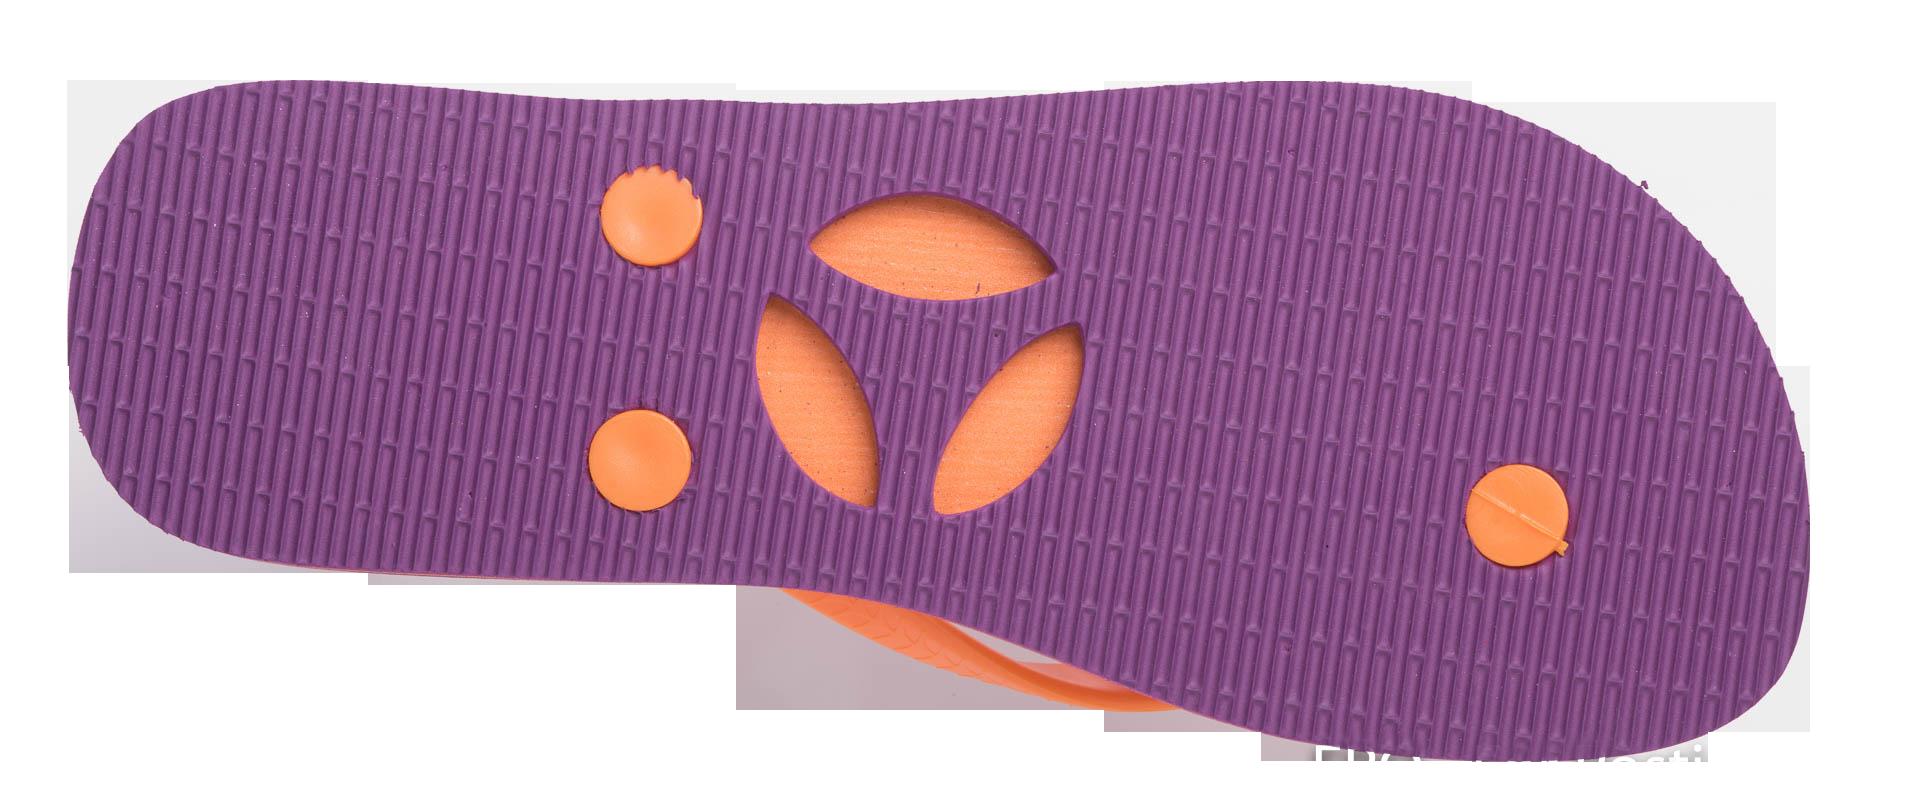 Thongs women classic violet. Purple clipart flip flop